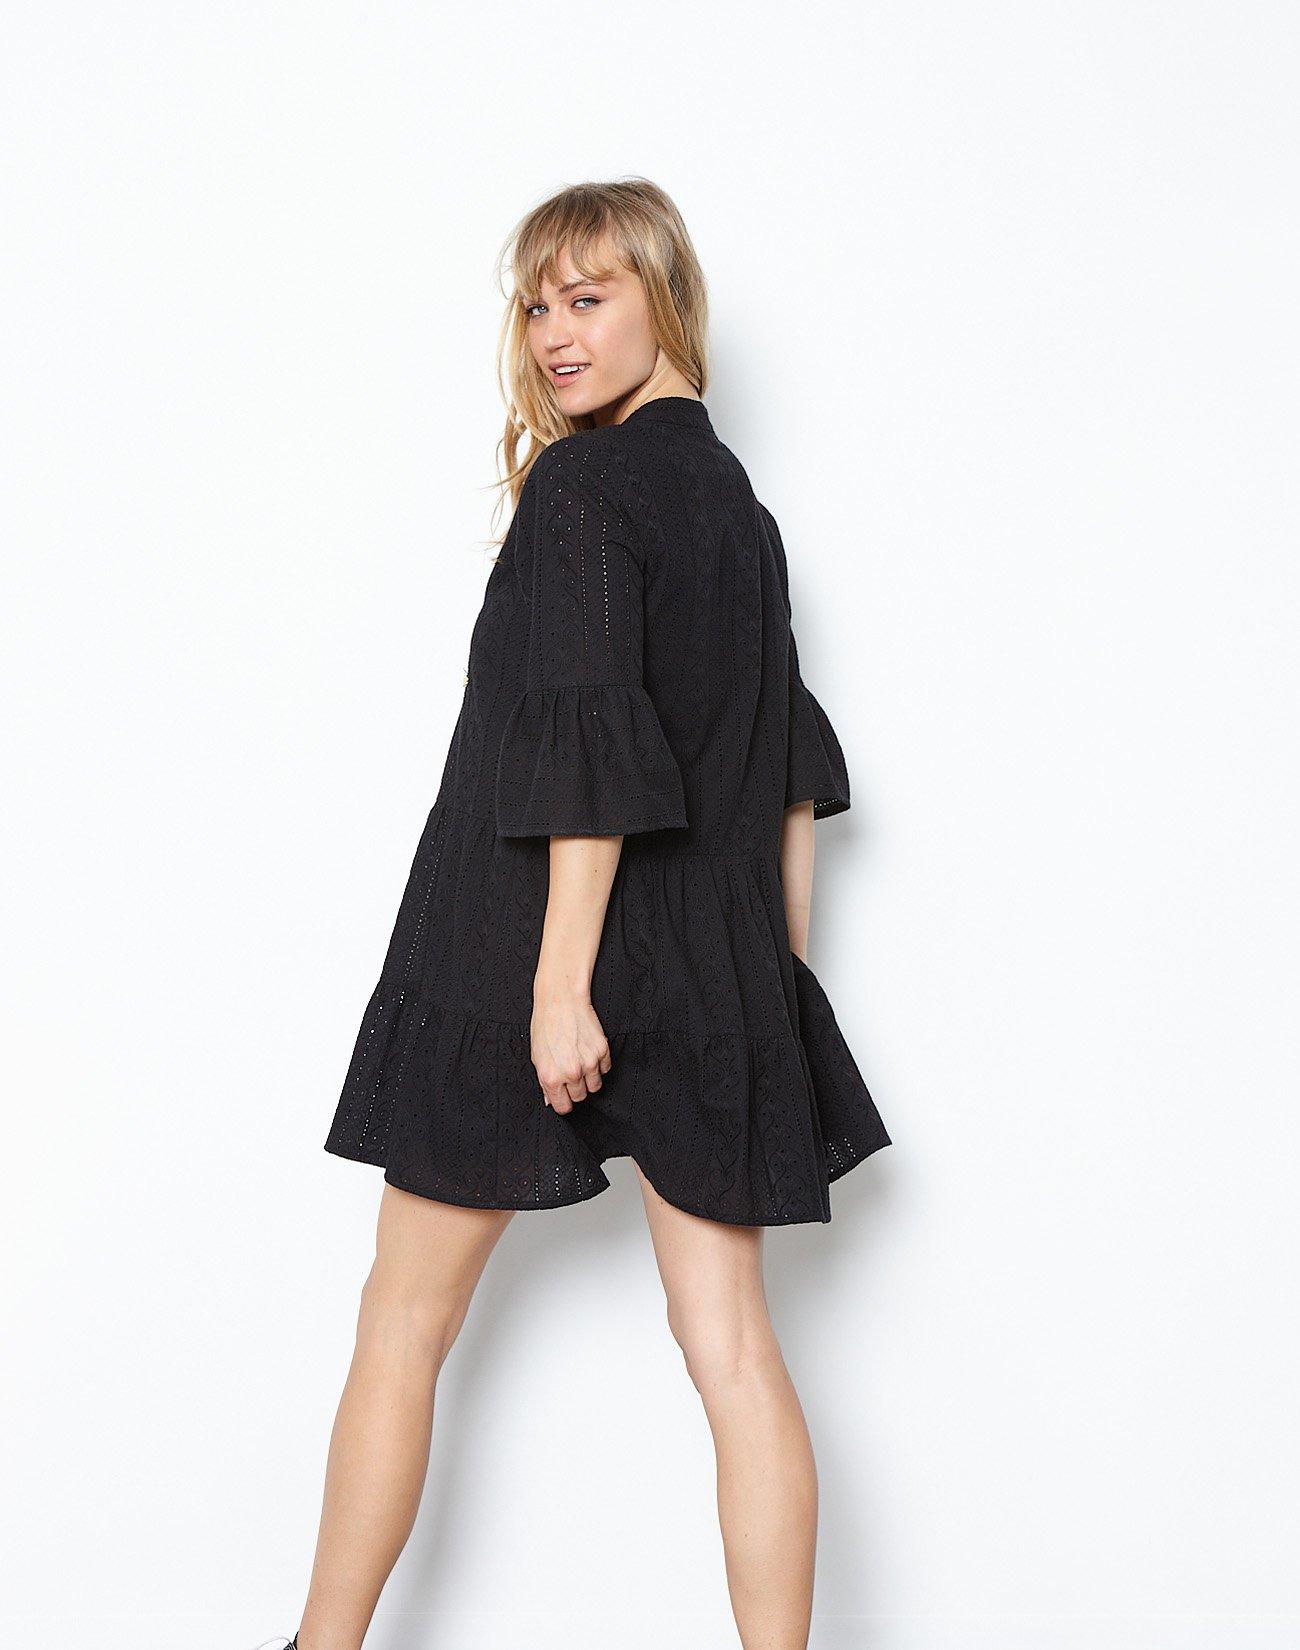 Μίνι φόρεμα με διάτρητο σχέδιο